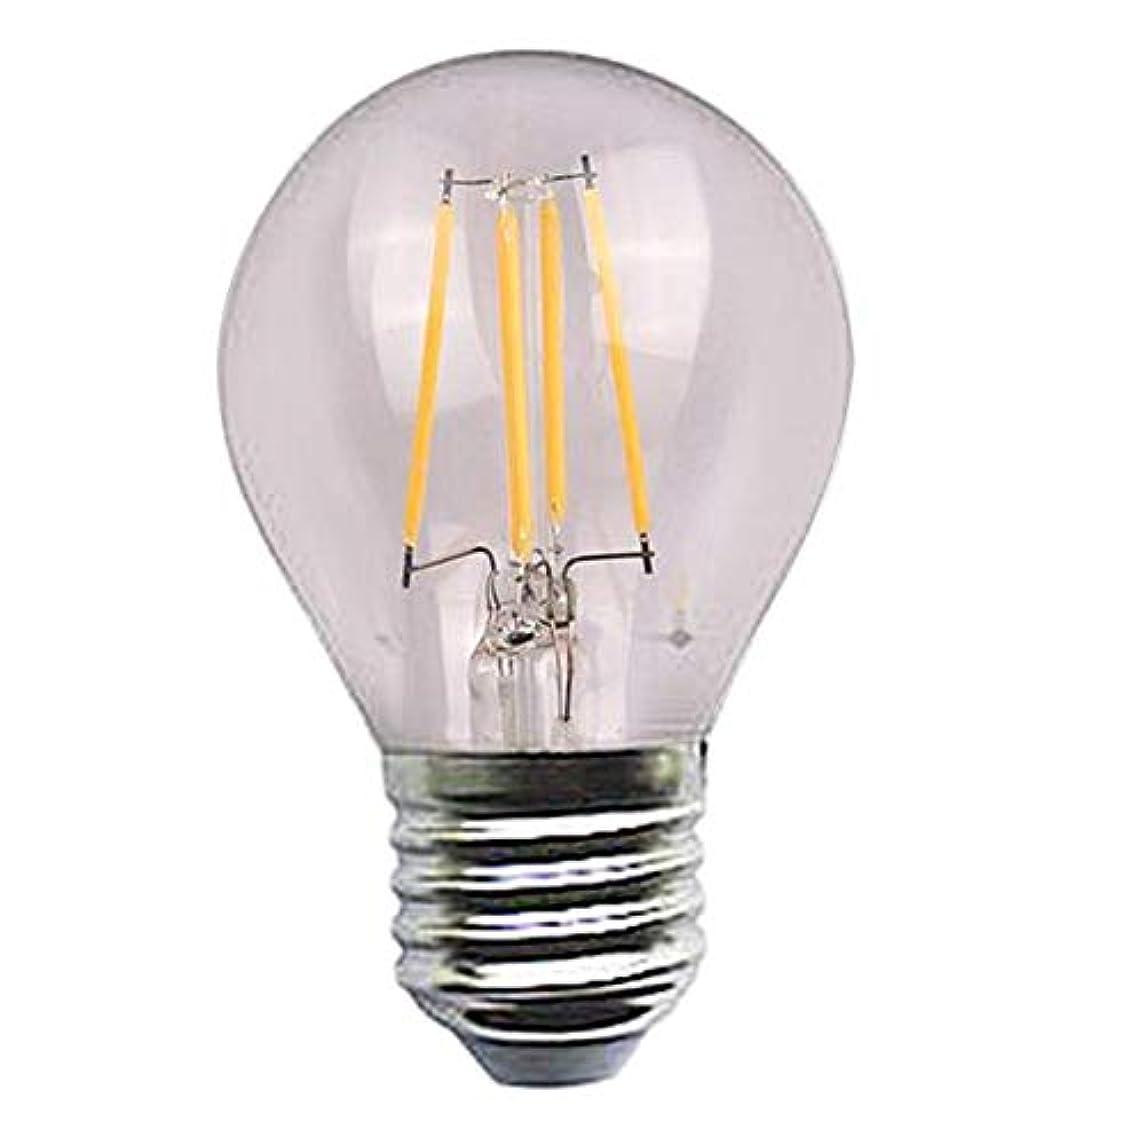 バンドルラボありがたいエジソンはフィラメントシリーズ球根4w 110-220vの銀ランプの頭部を導きました